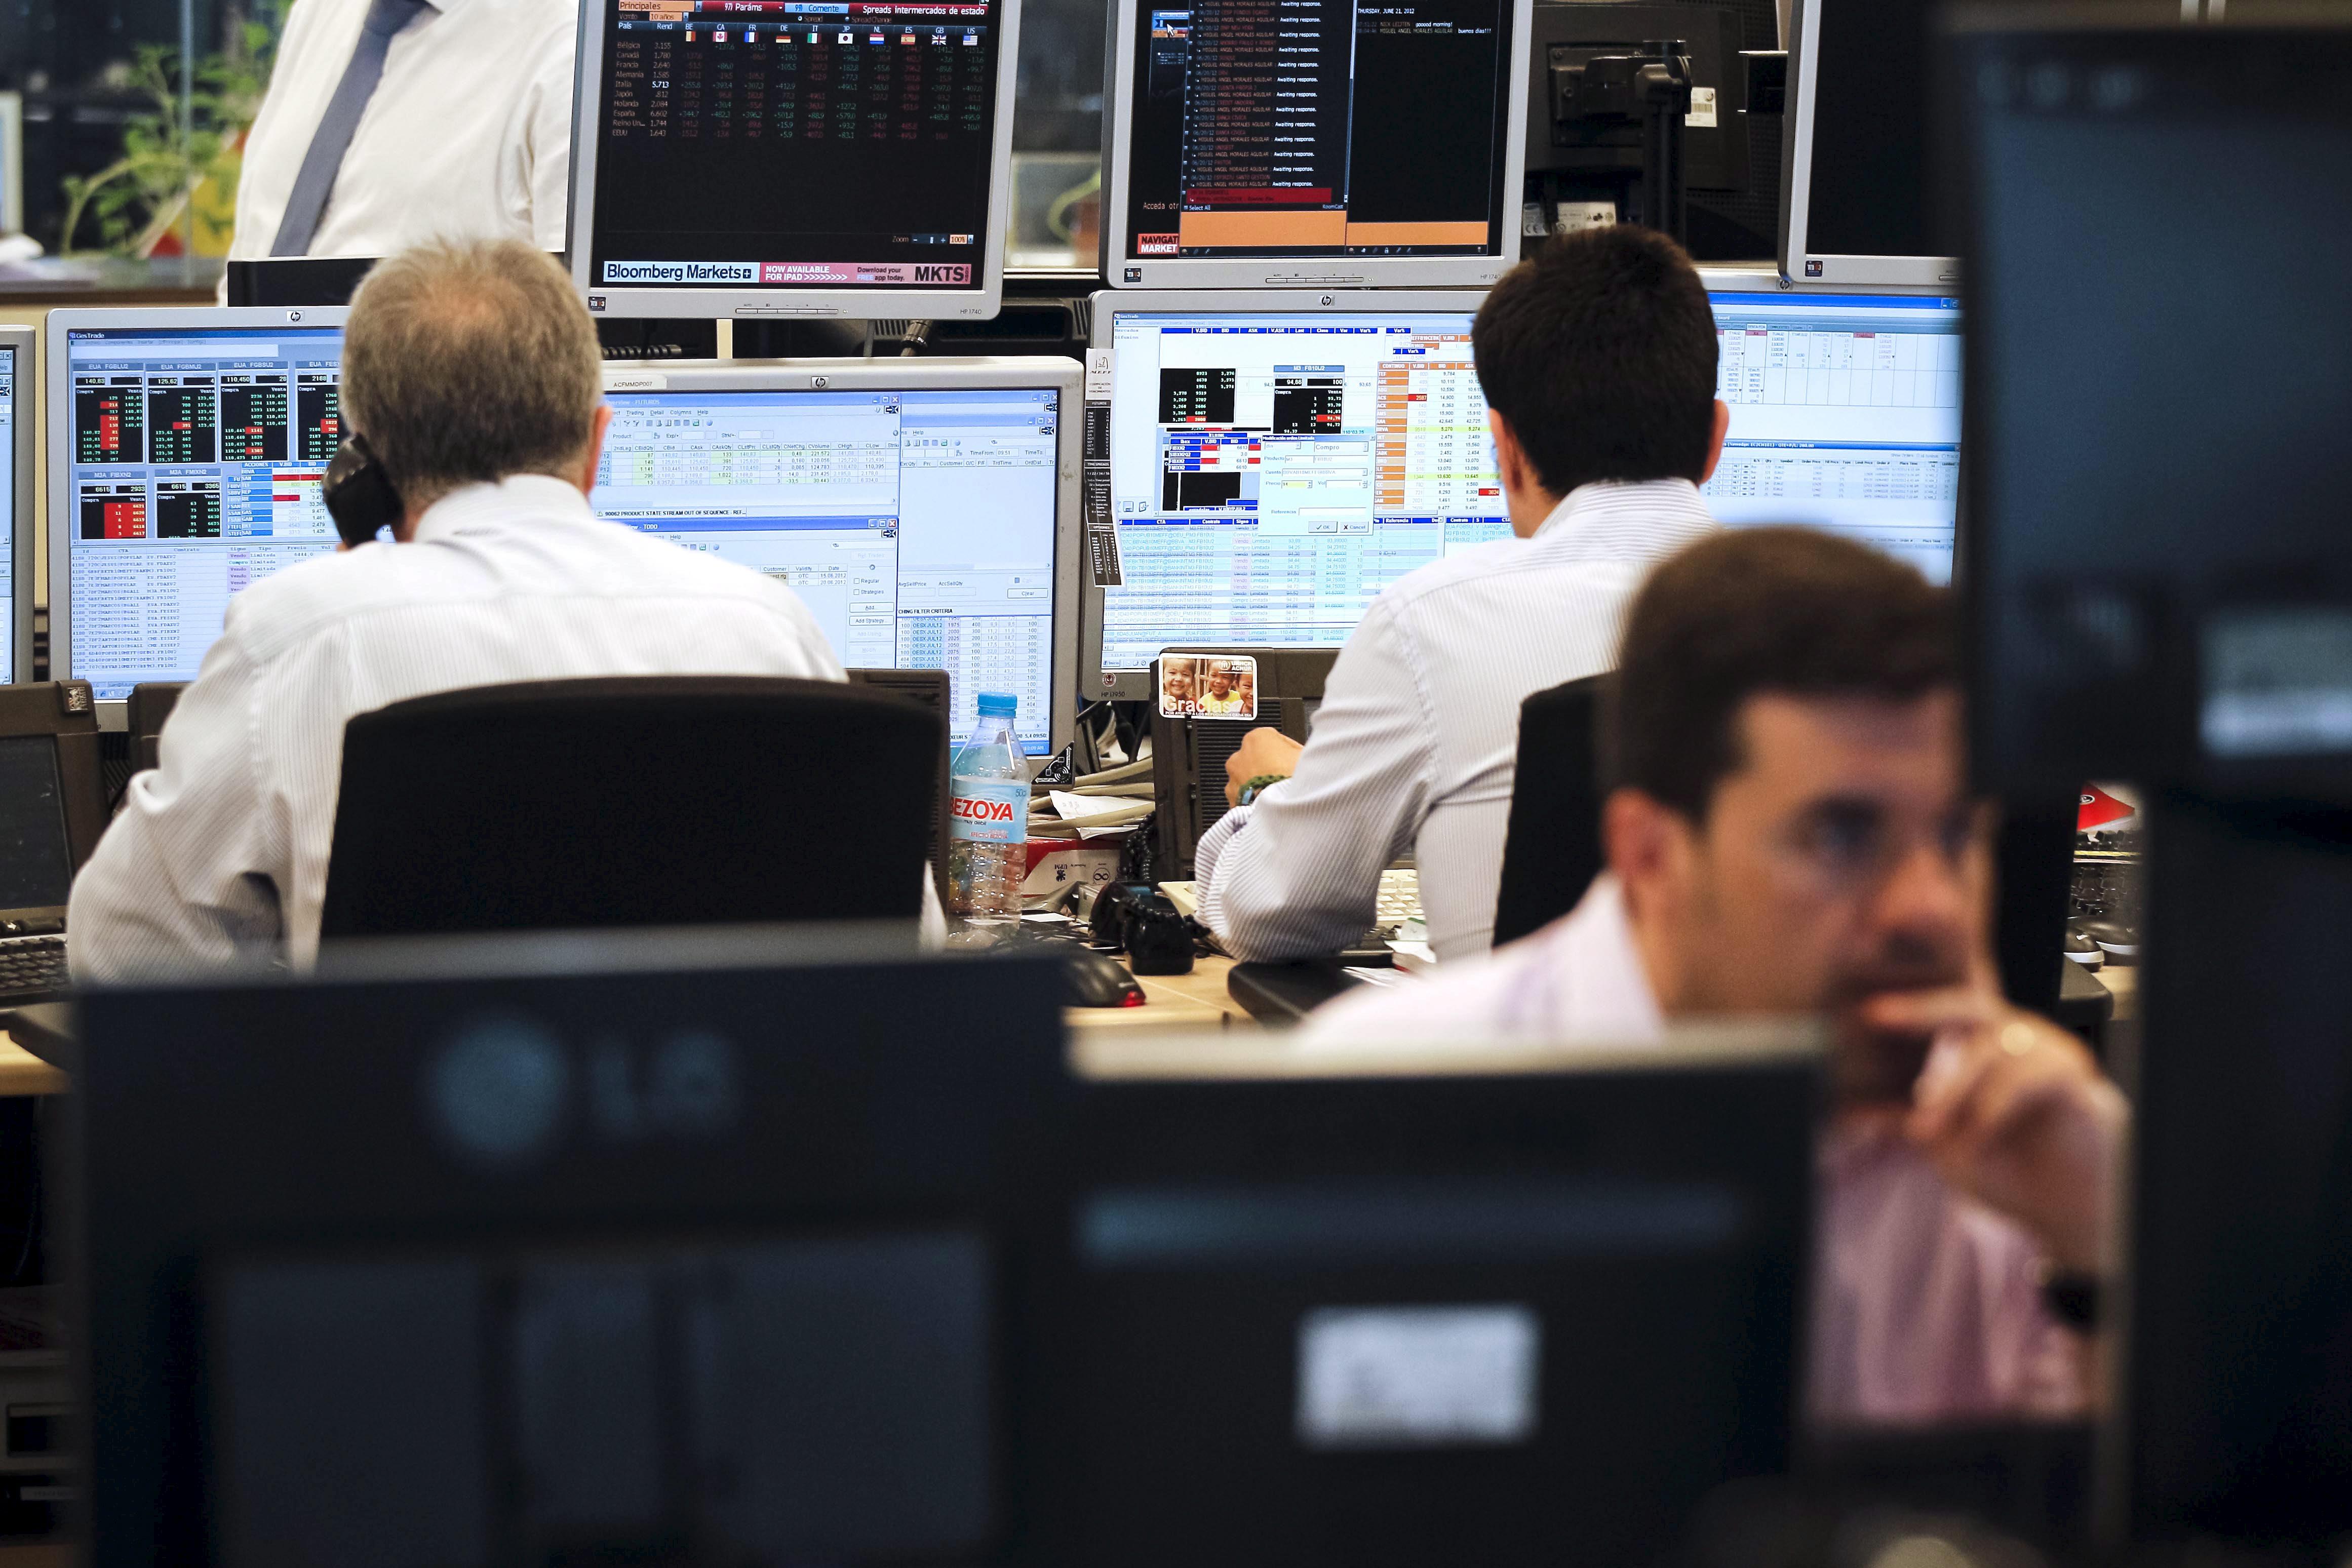 España espera captar esta semana 9.000 millones de euros en letras y bonos